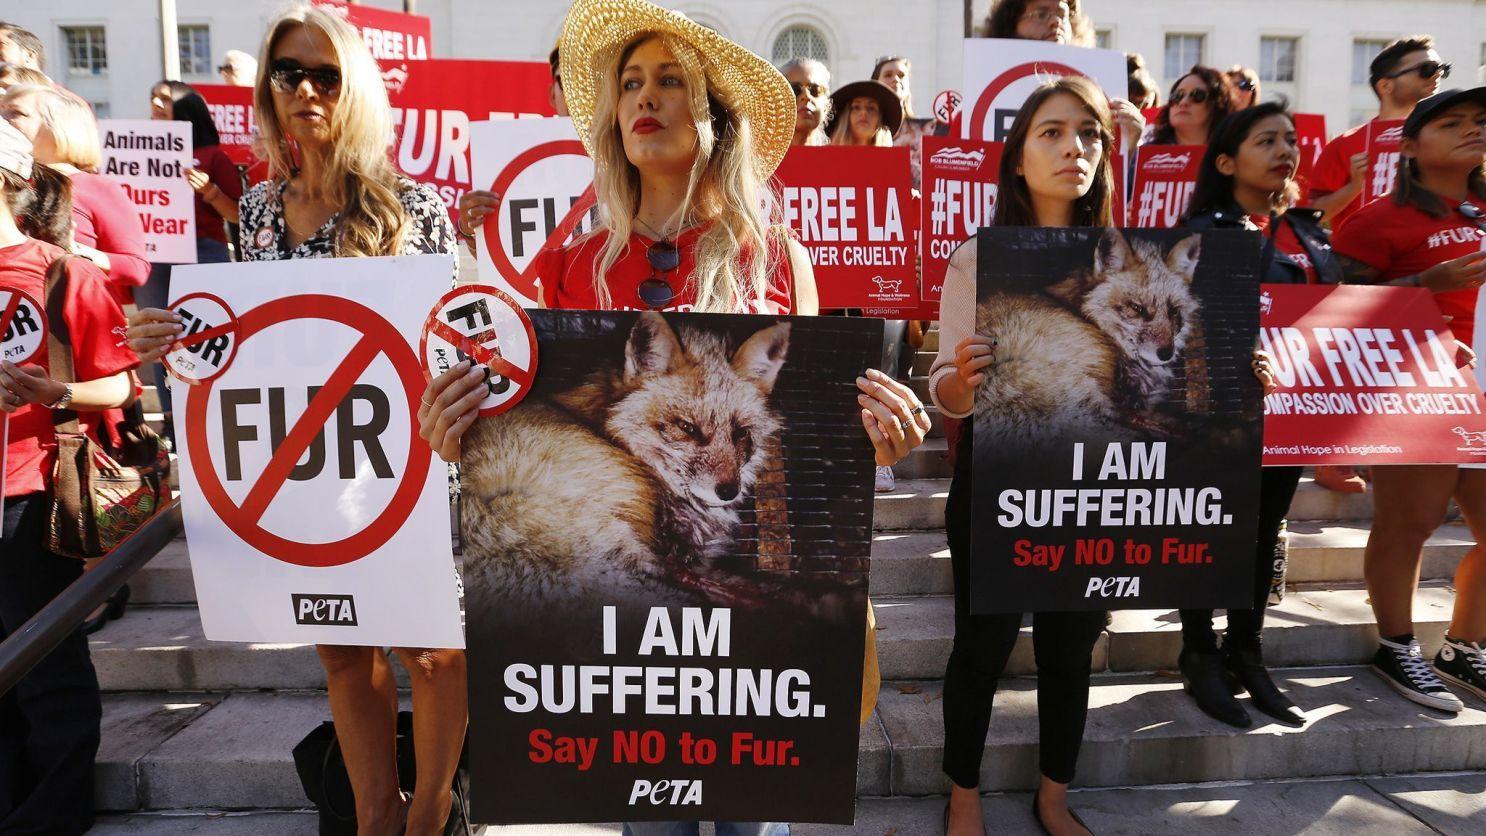 Fur: En una decisión histórica, California prohíbe la venta de pieles animales